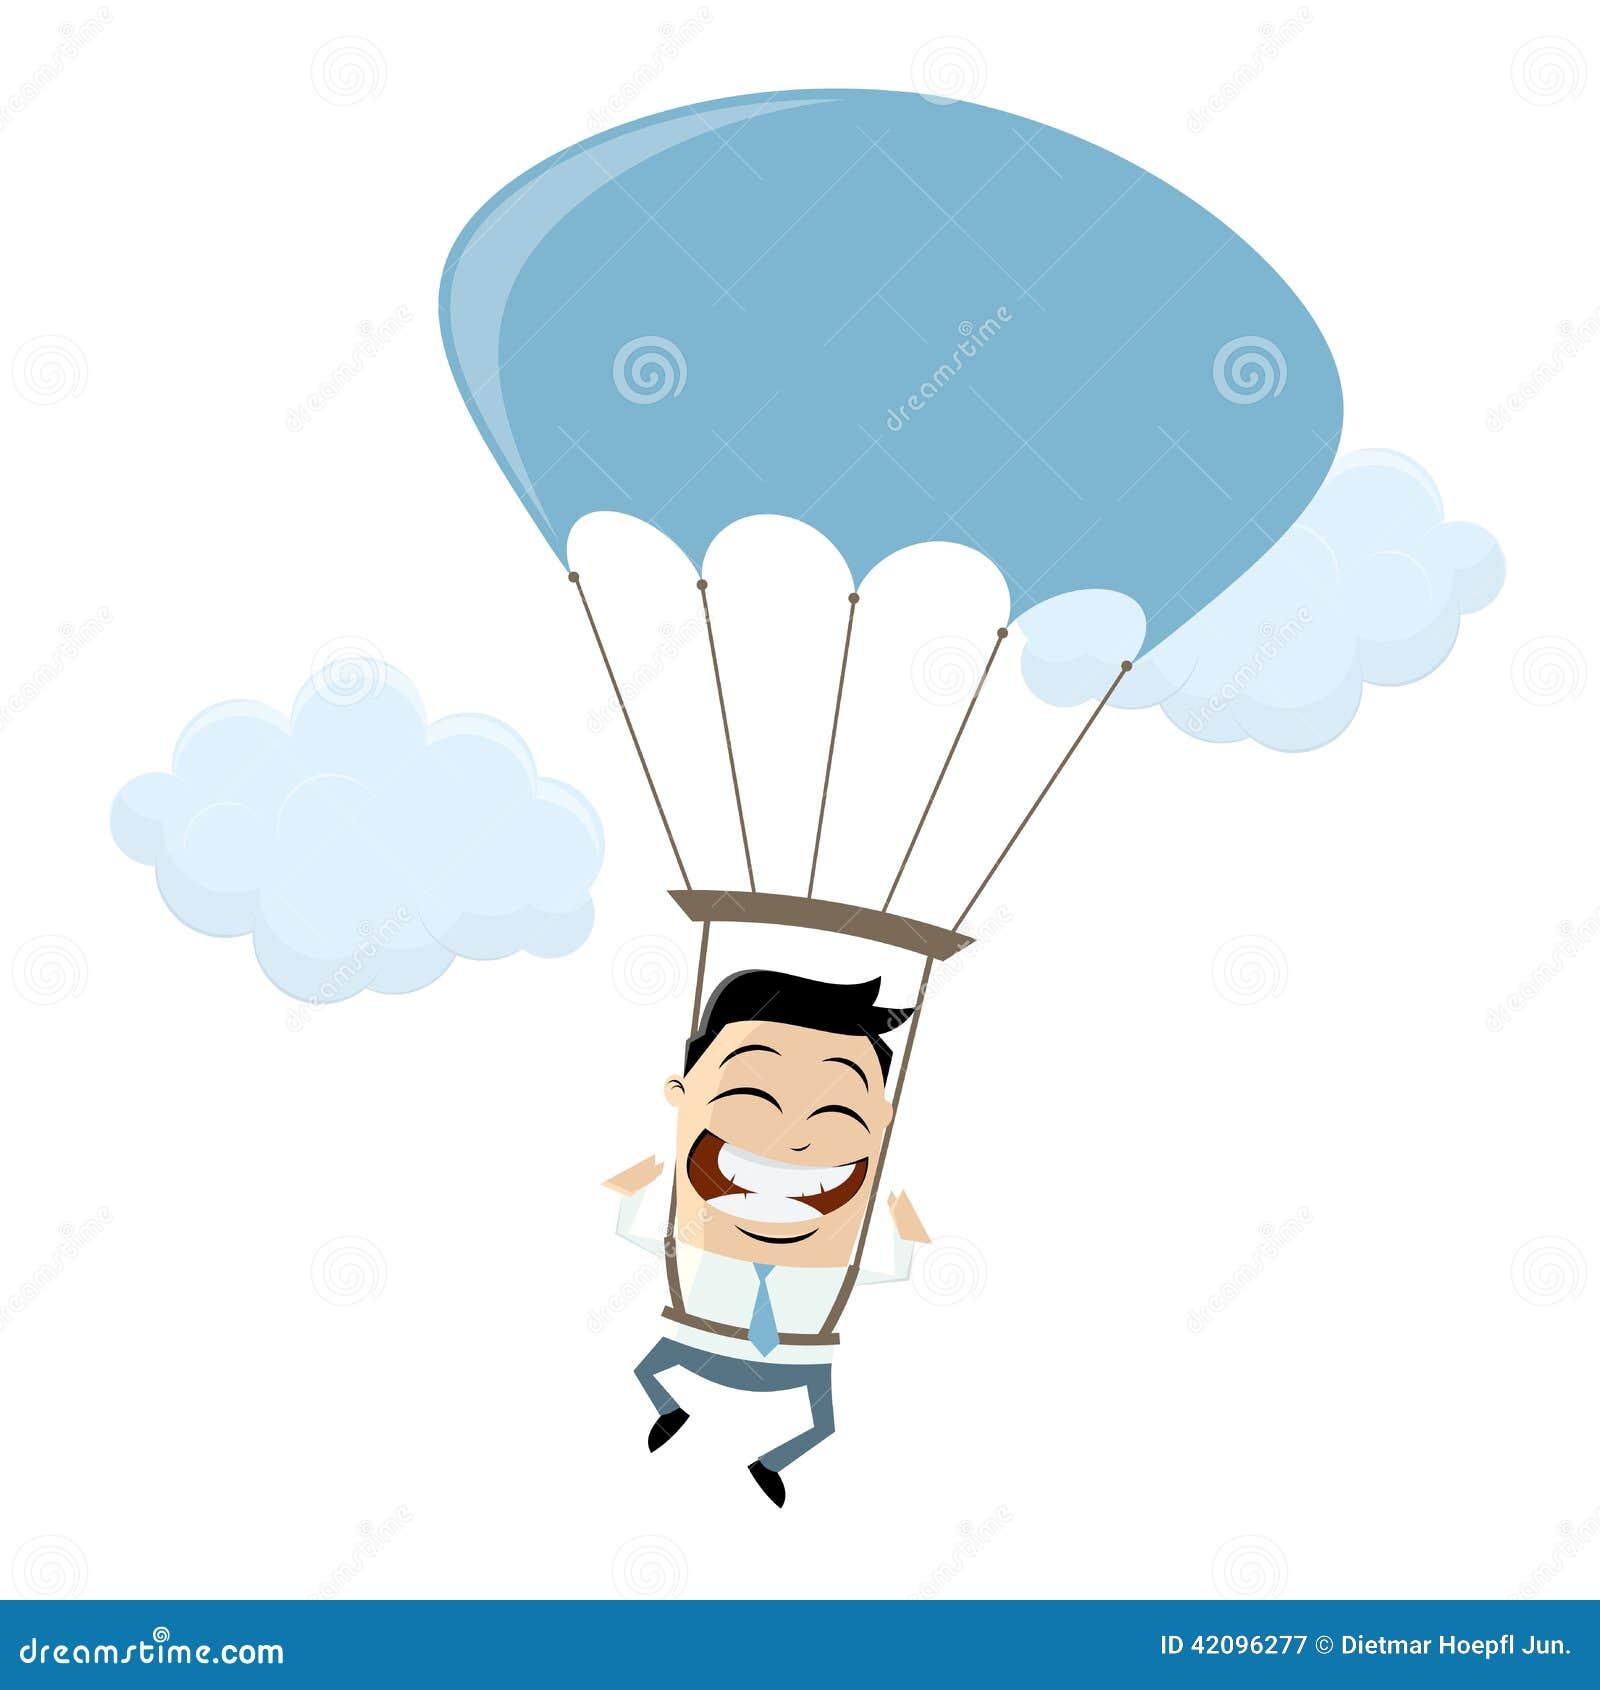 cartoon clipart parachute - photo #41